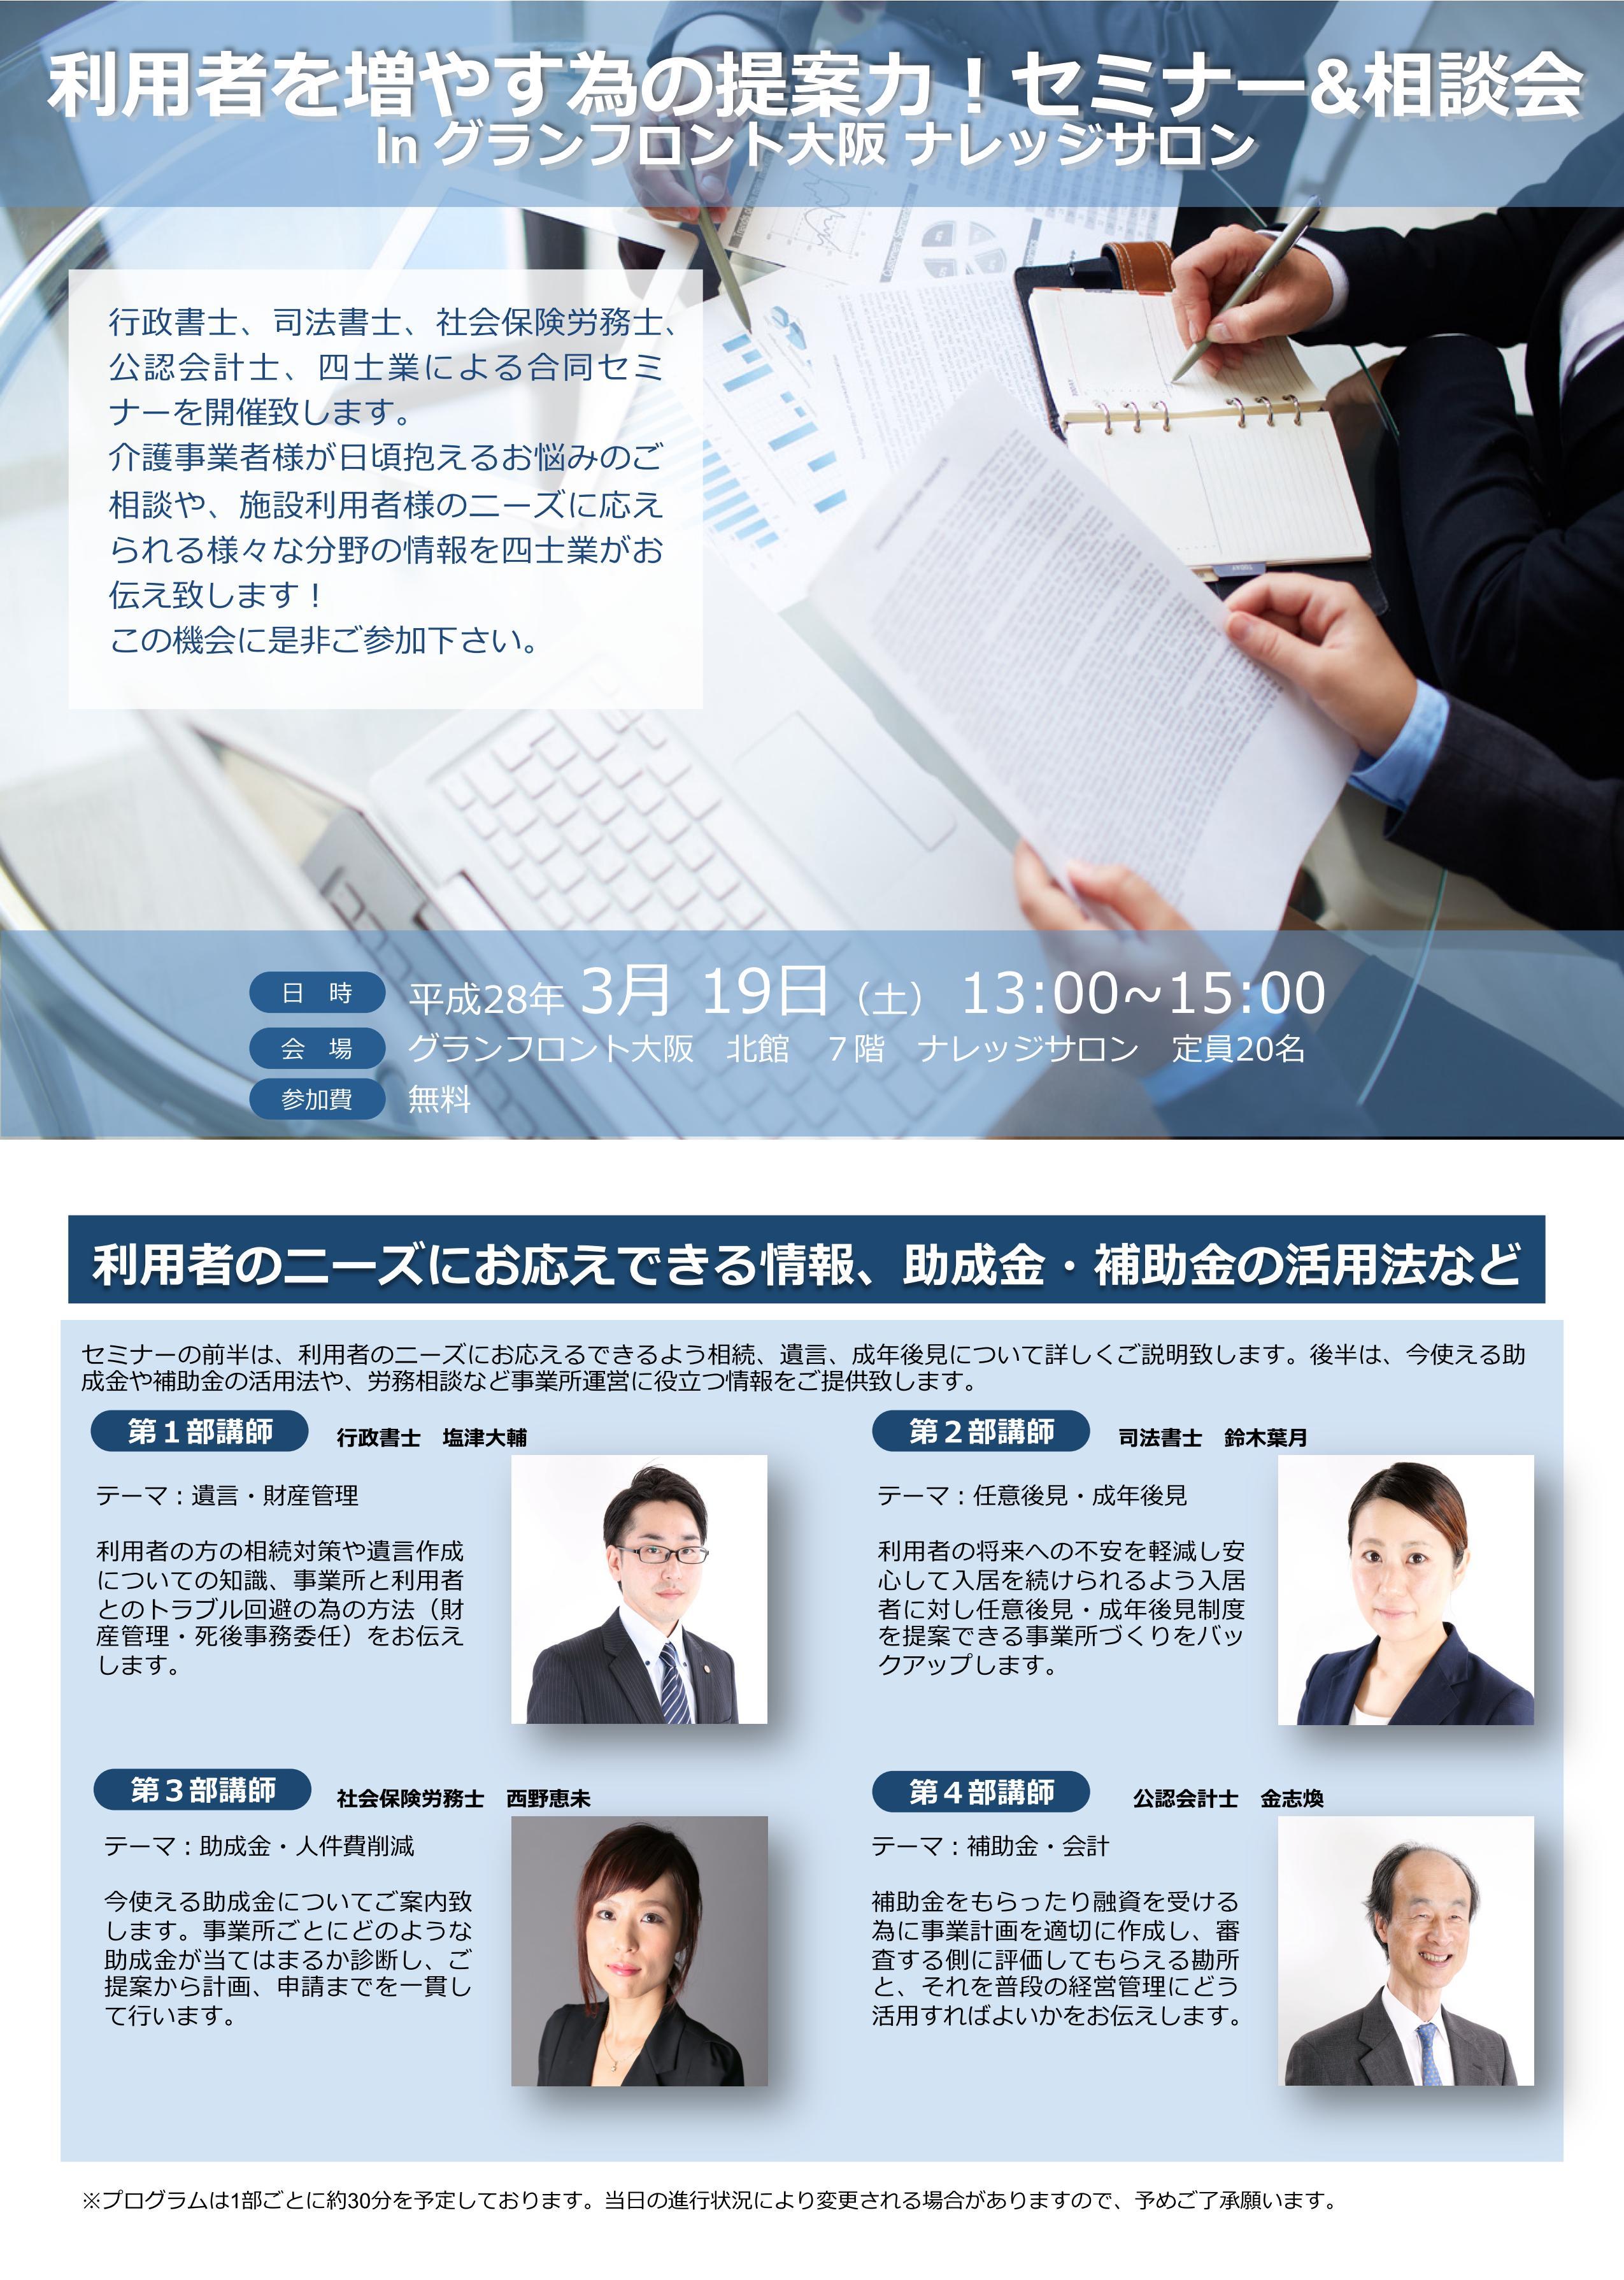 4士業セミナー&相談会